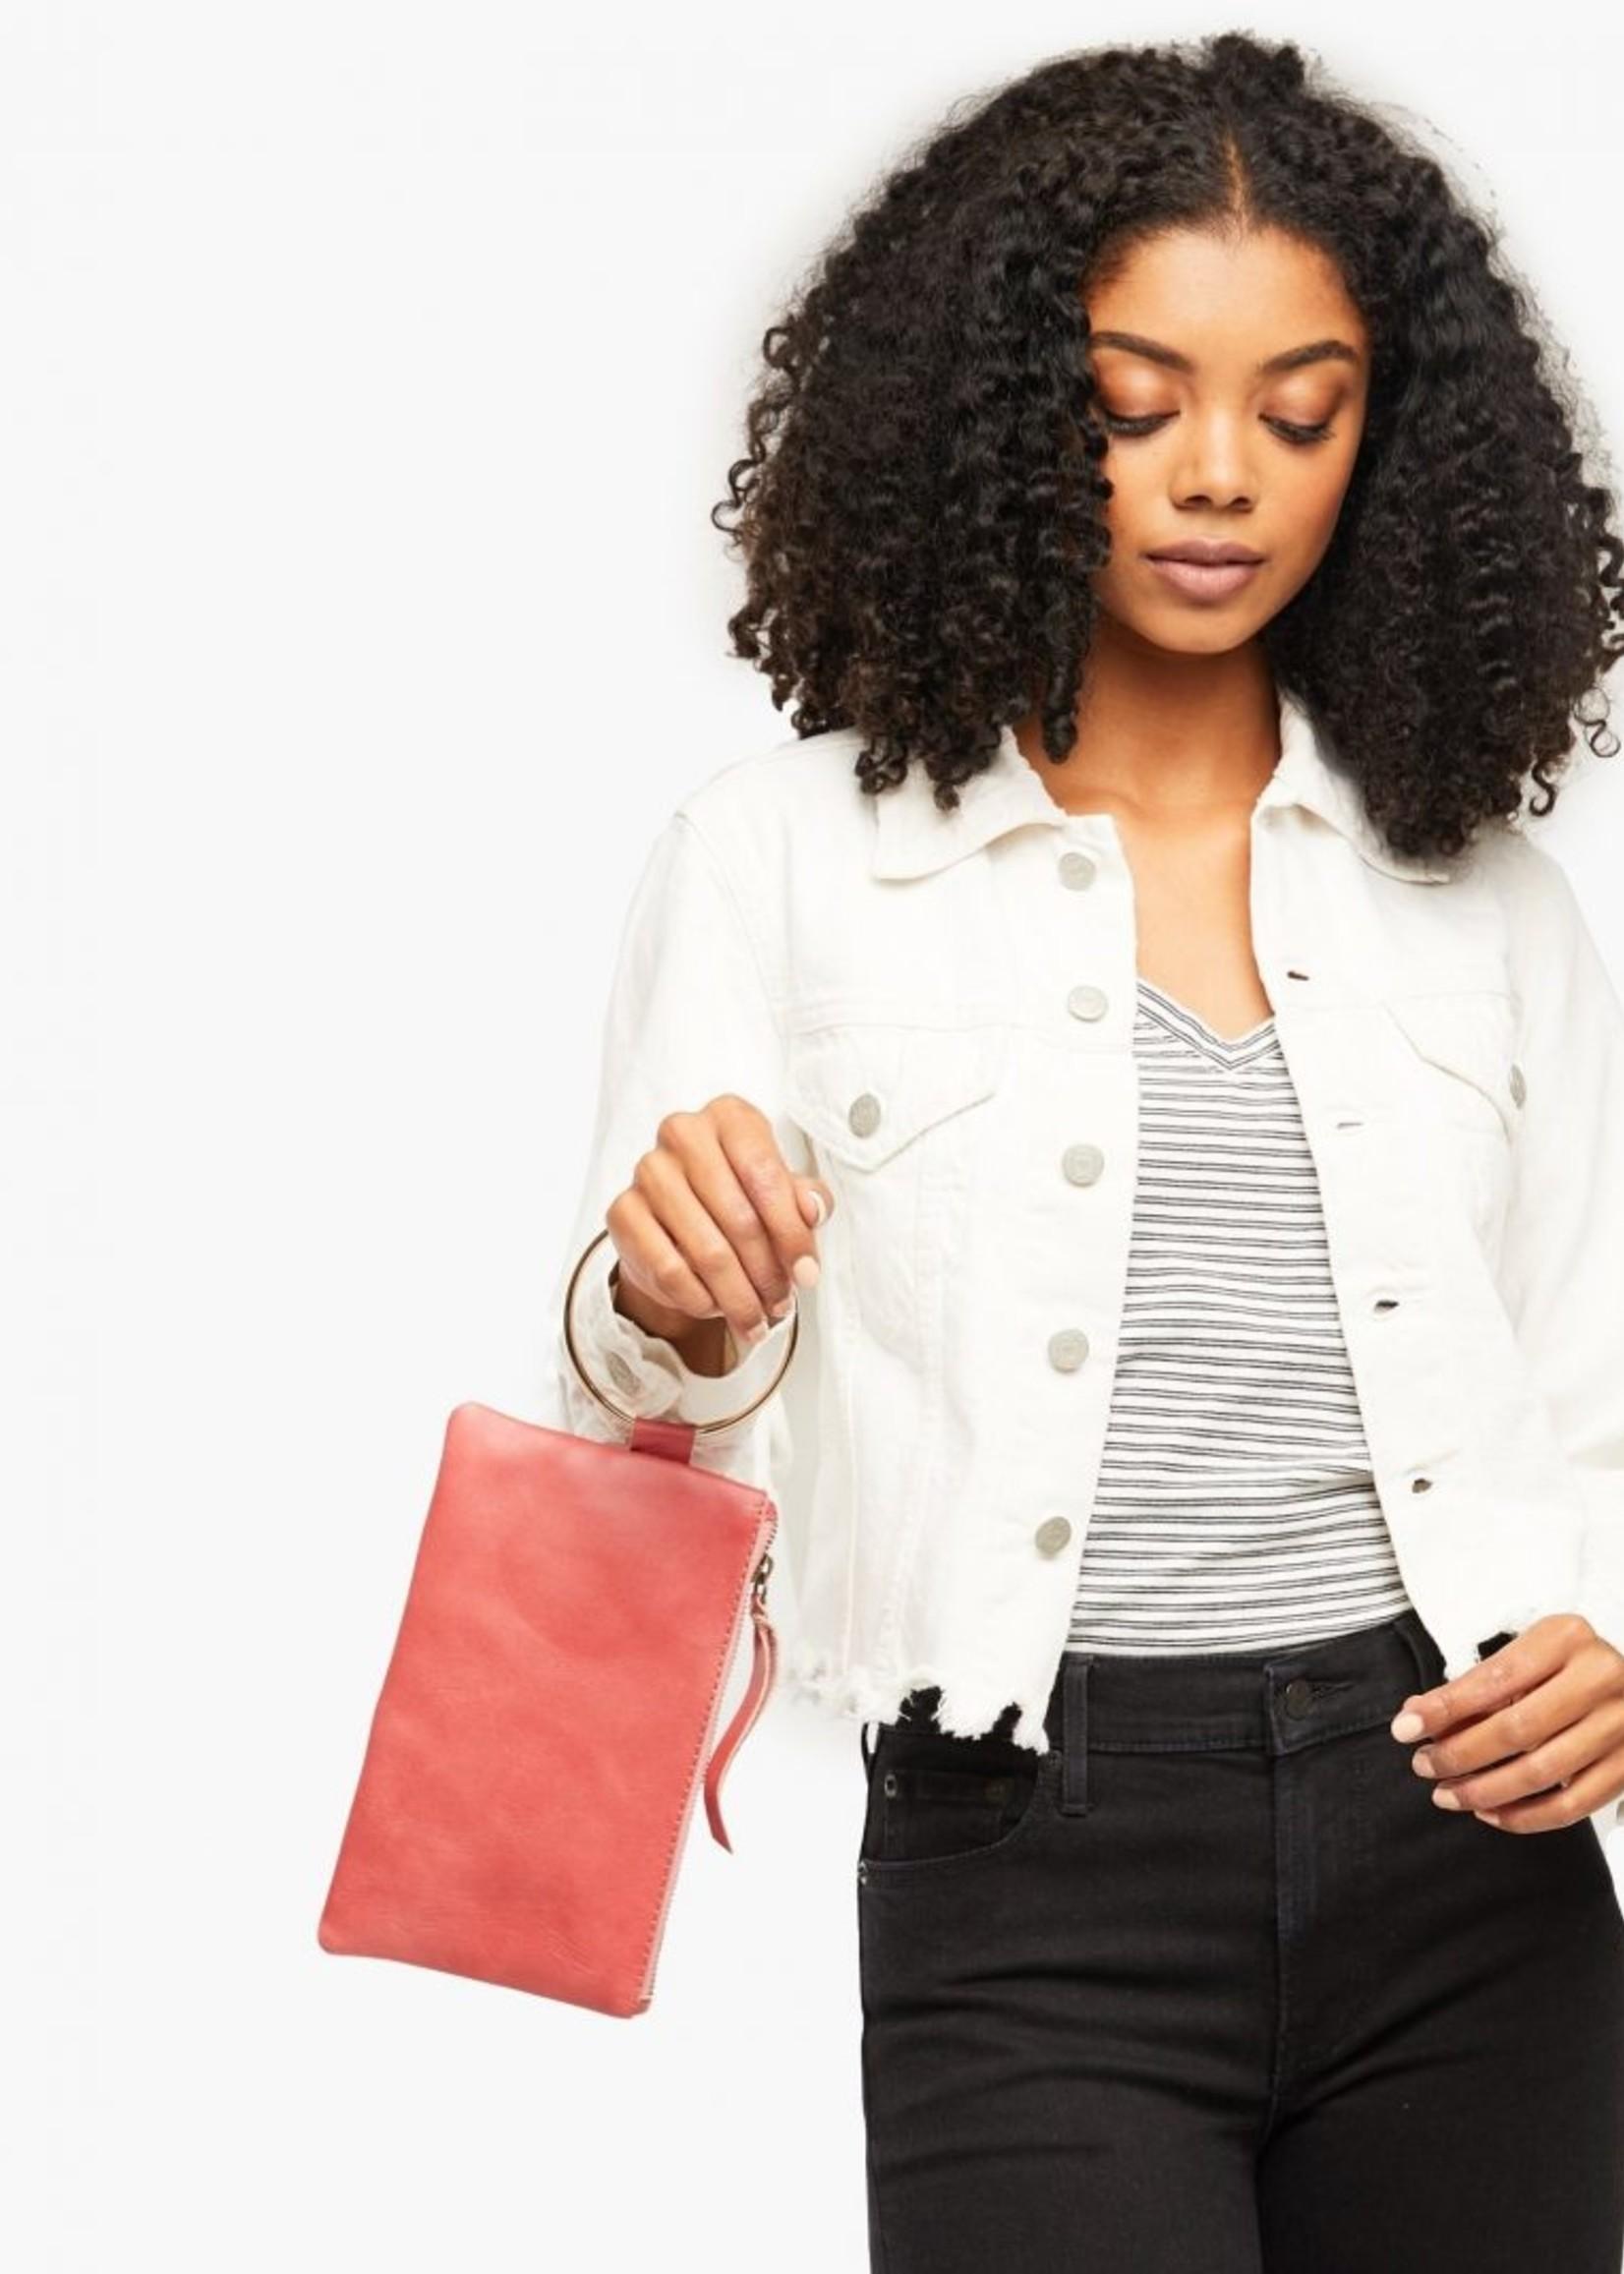 Elitaire Boutique Fozi Rose Wristlet